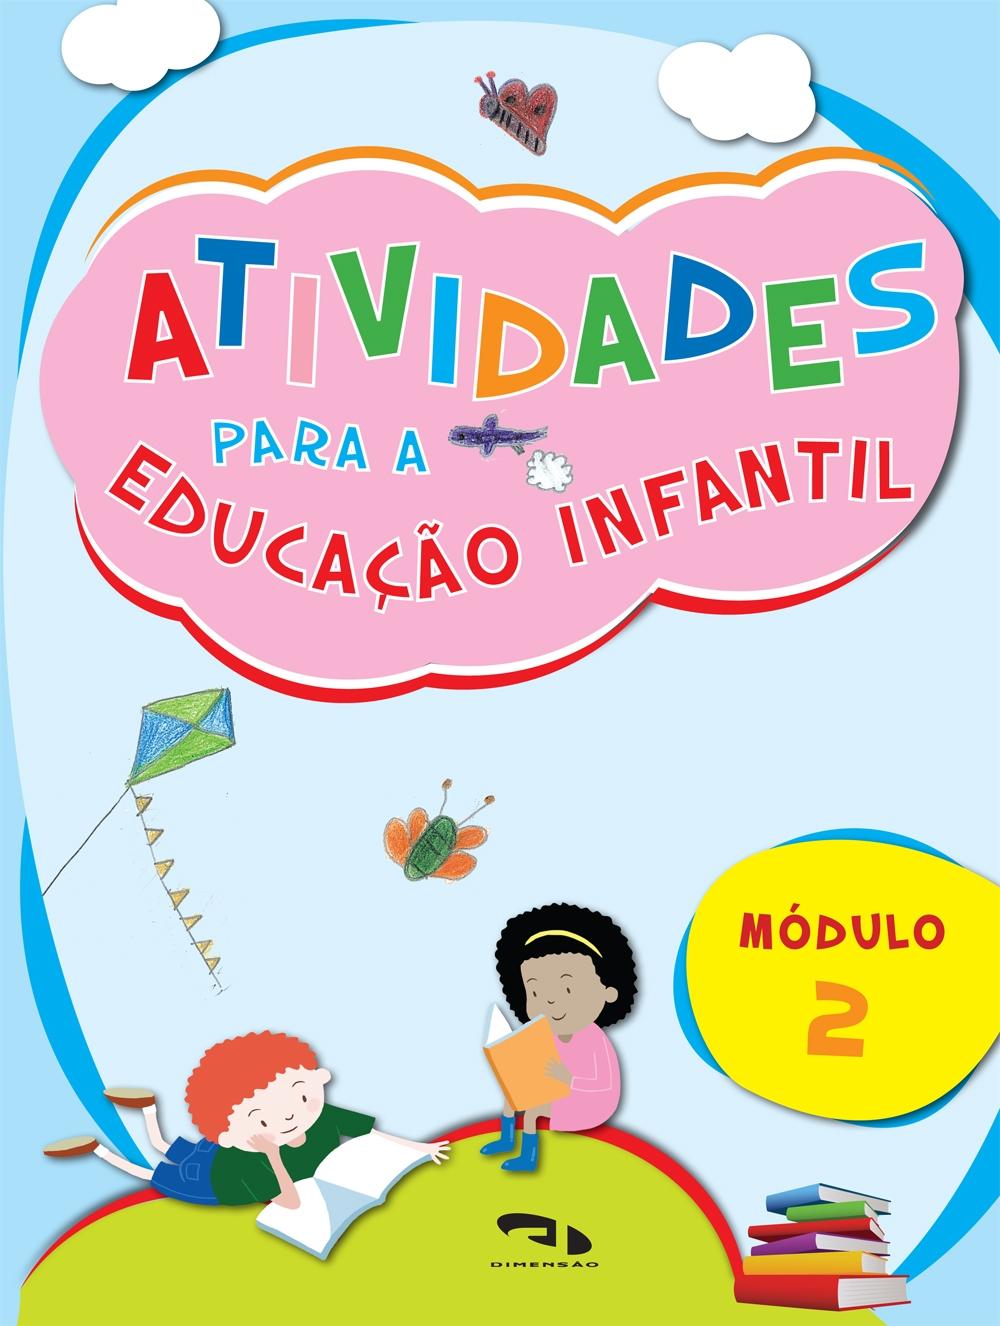 Livro Atividades para Educação Infantil - Módulo 2